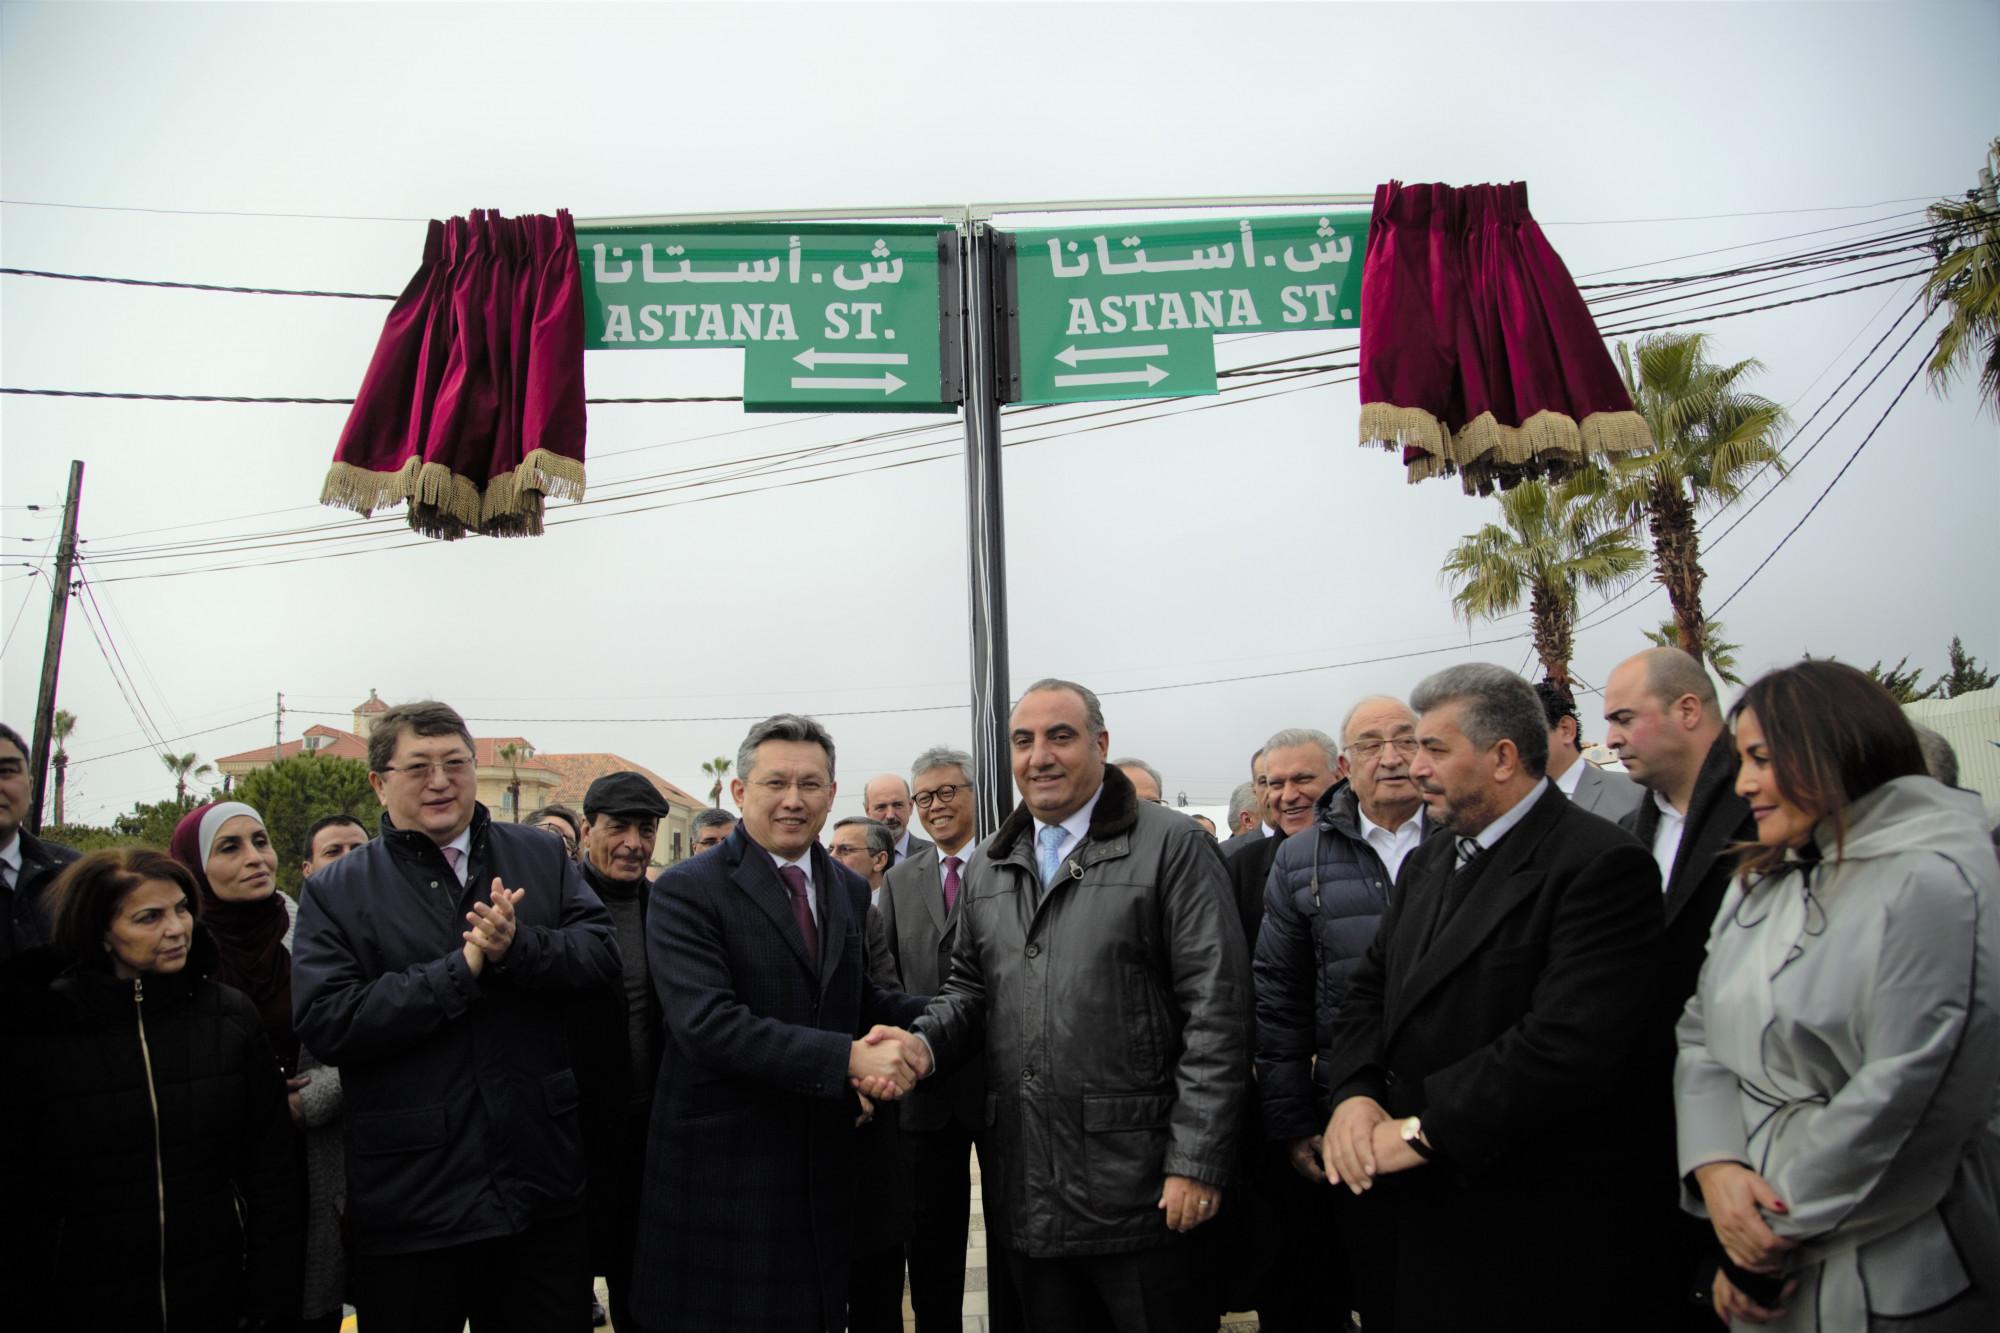 Иорданияның бас қаласындағы көшелердің біріне Астана атауы берілді